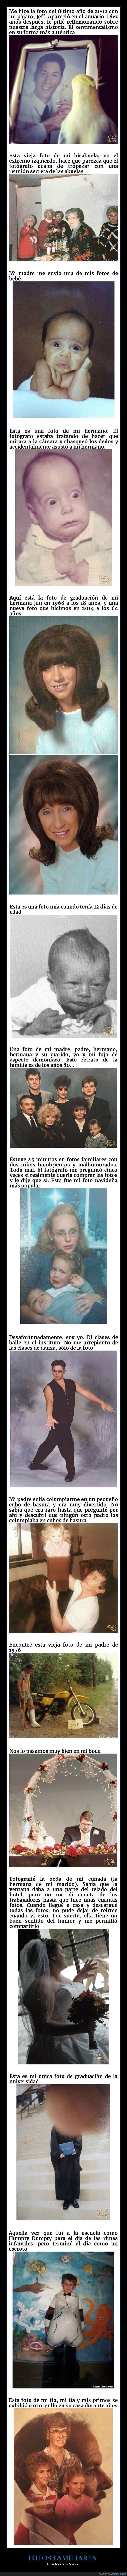 fotos familiares,vergonzosas